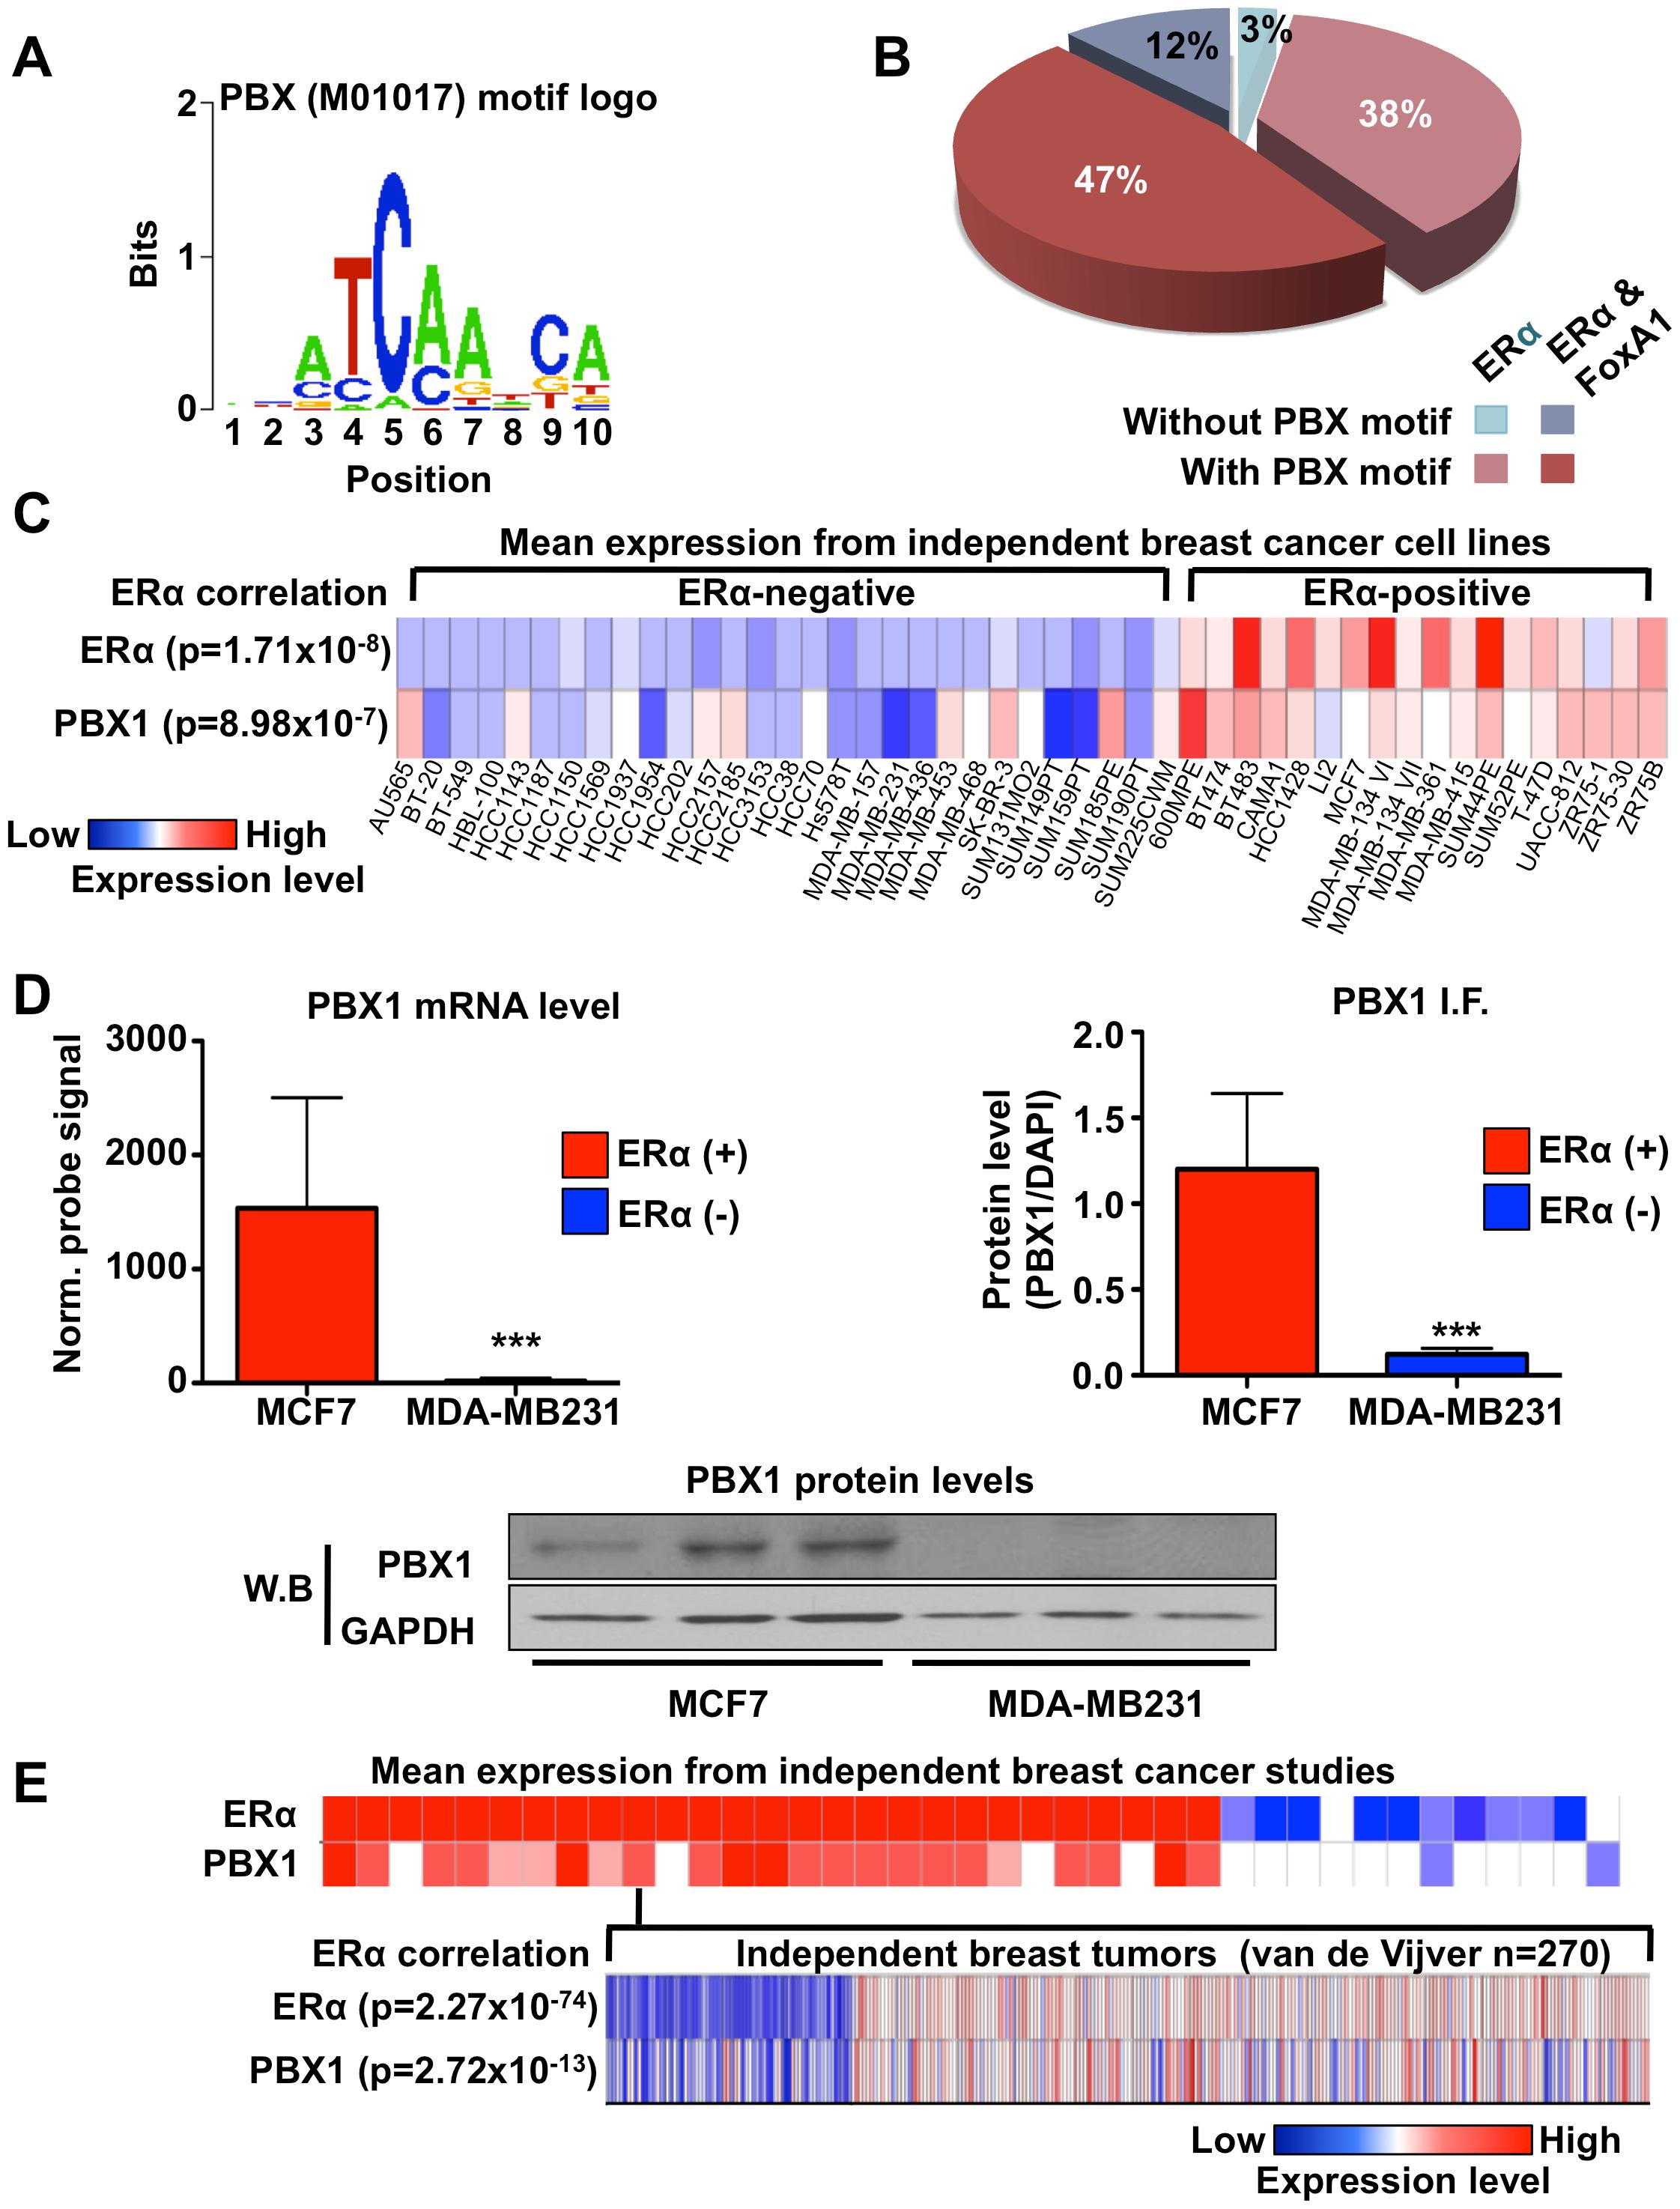 PBX1 correlates with ERα.